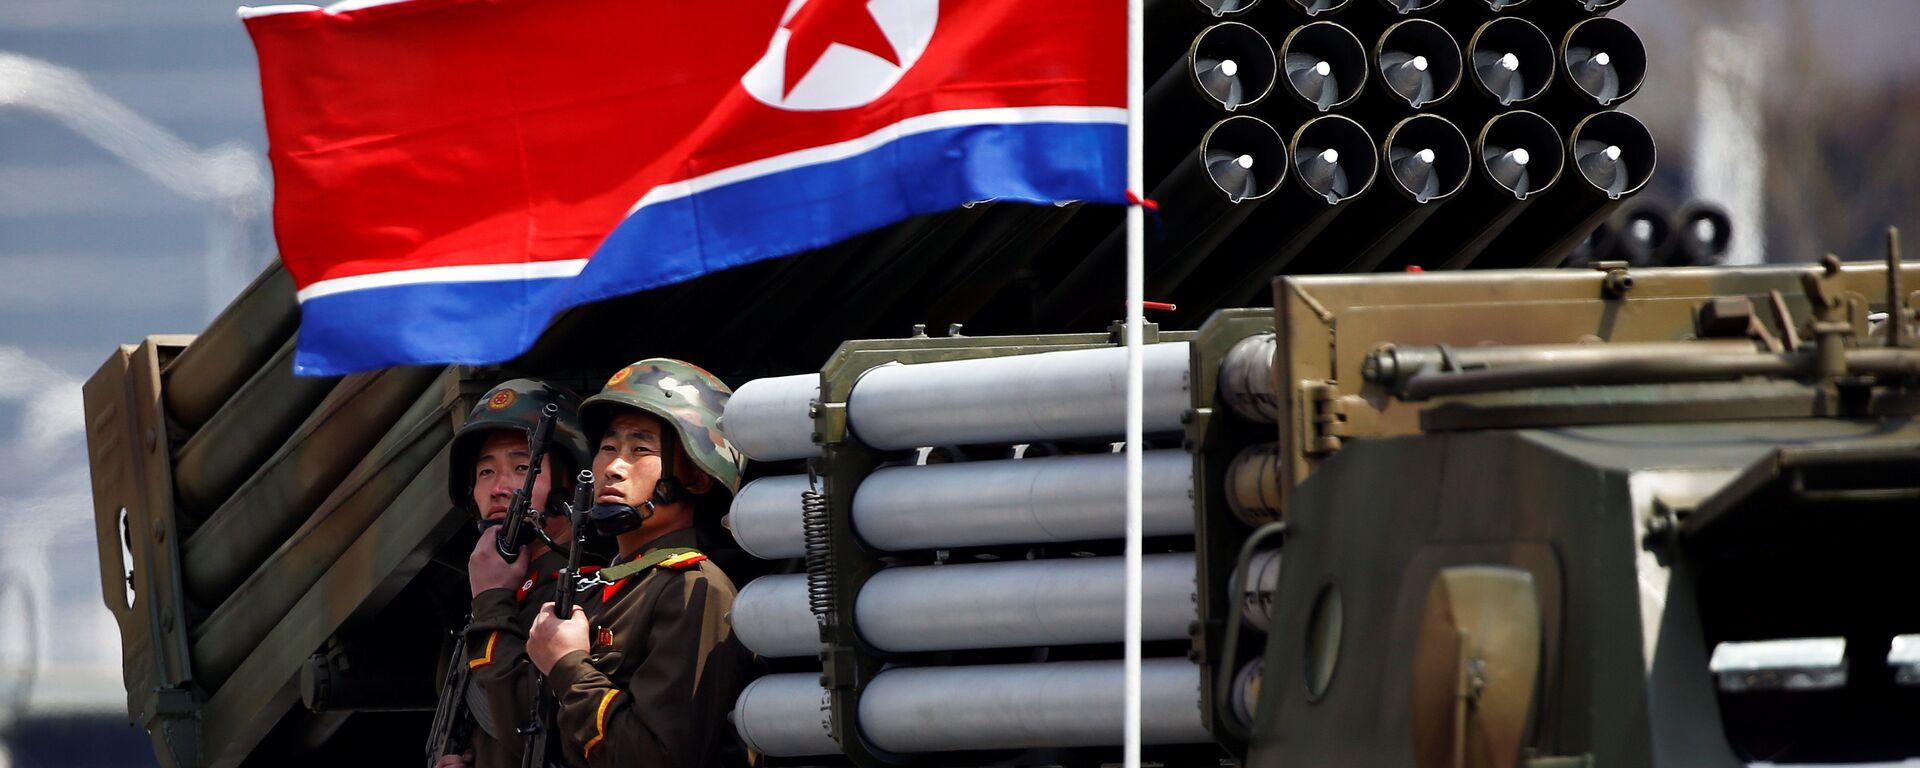 Desfile militar dedicado al 105 aniversario del nacimiento del fundador del Estado norcoreano, Kim Il Sung - Sputnik Mundo, 1920, 25.03.2021